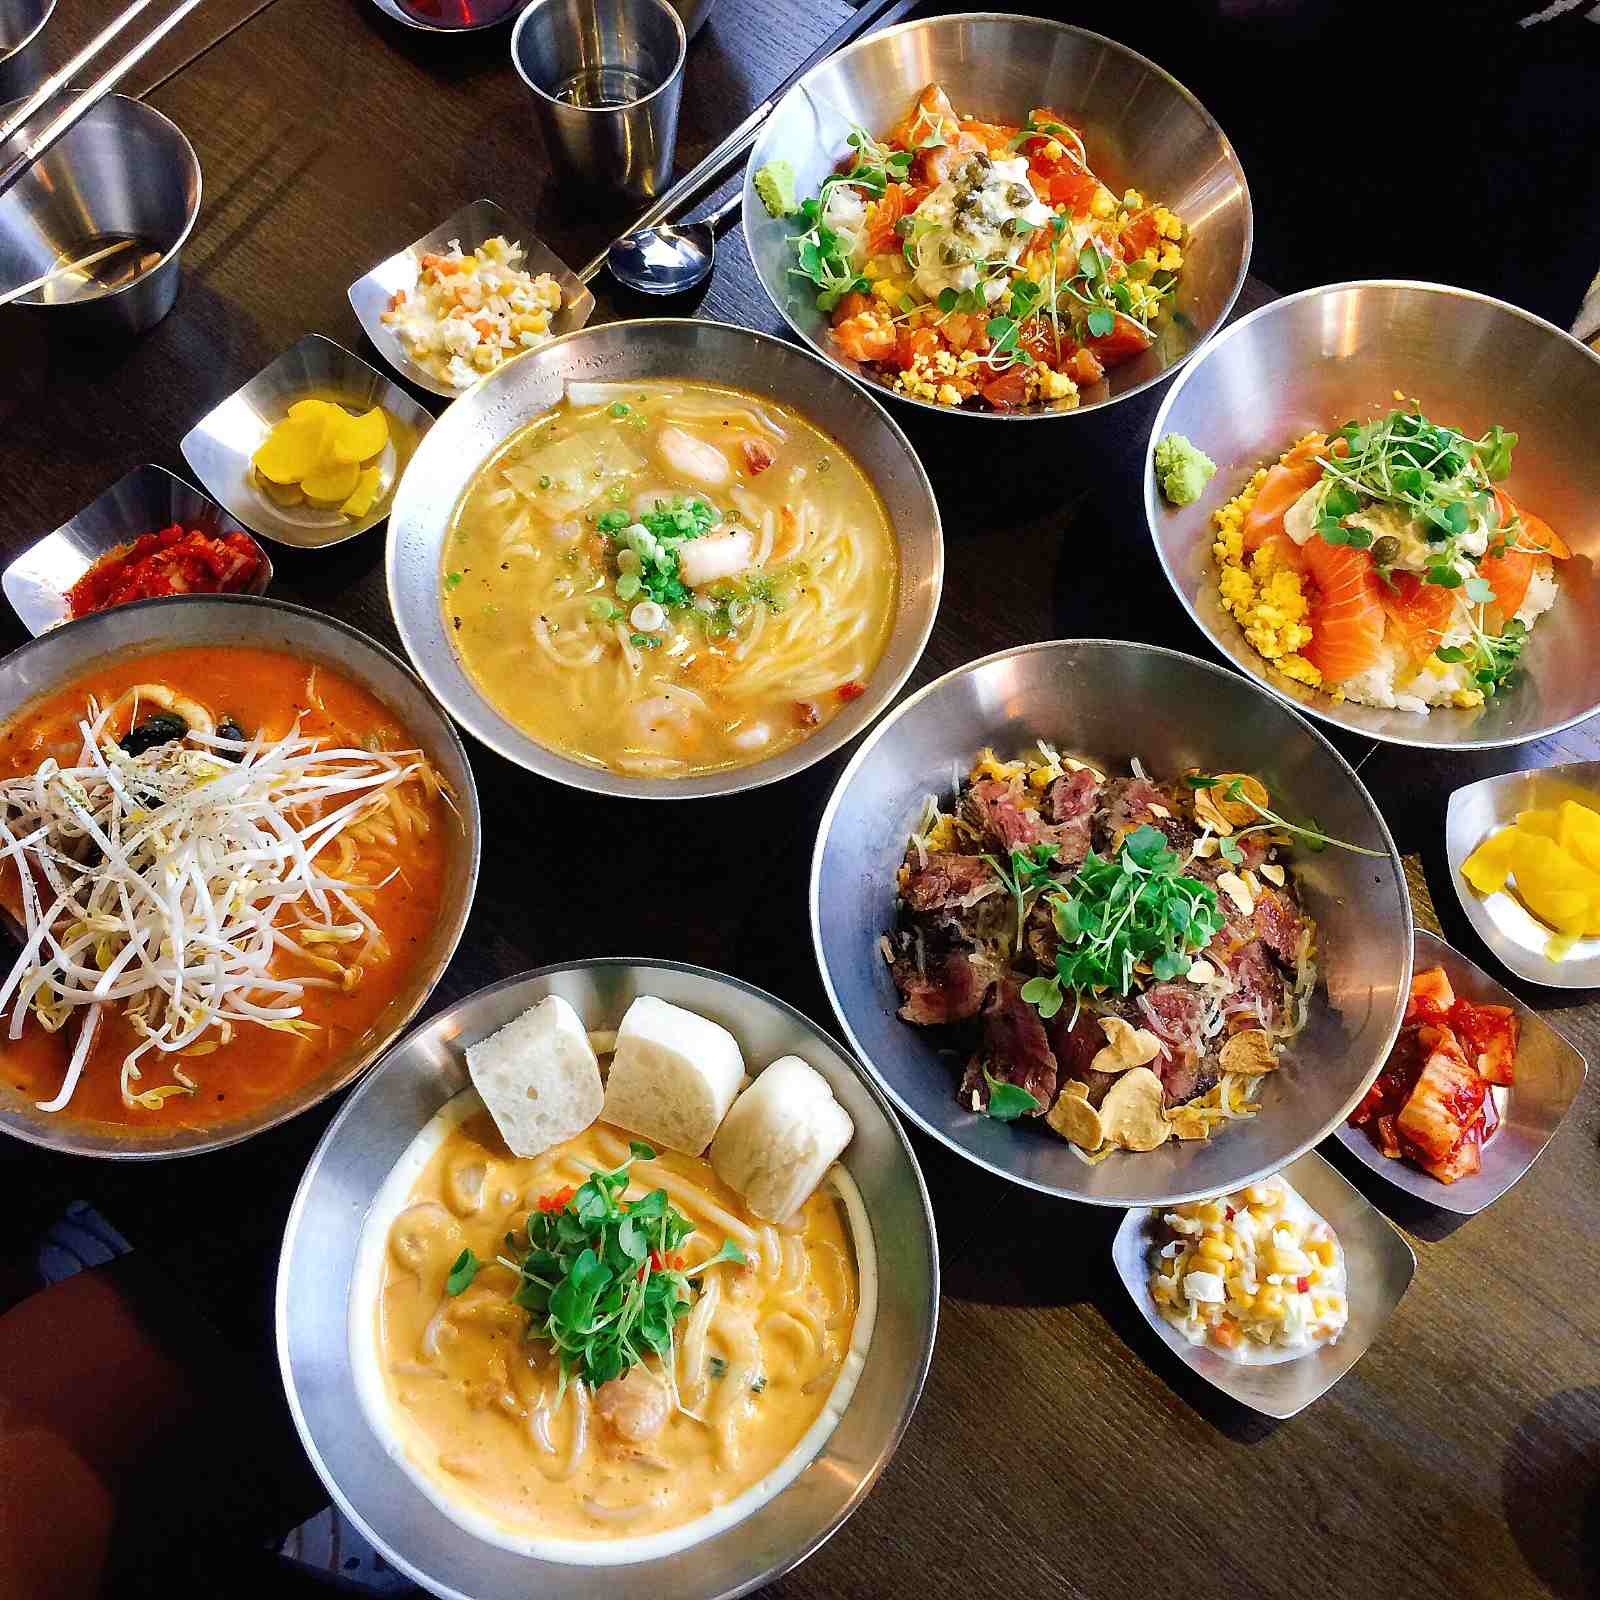 跟朋友一起來吃,每一款都叫一個就好喇,這樣大家就可以每樣都試試看。